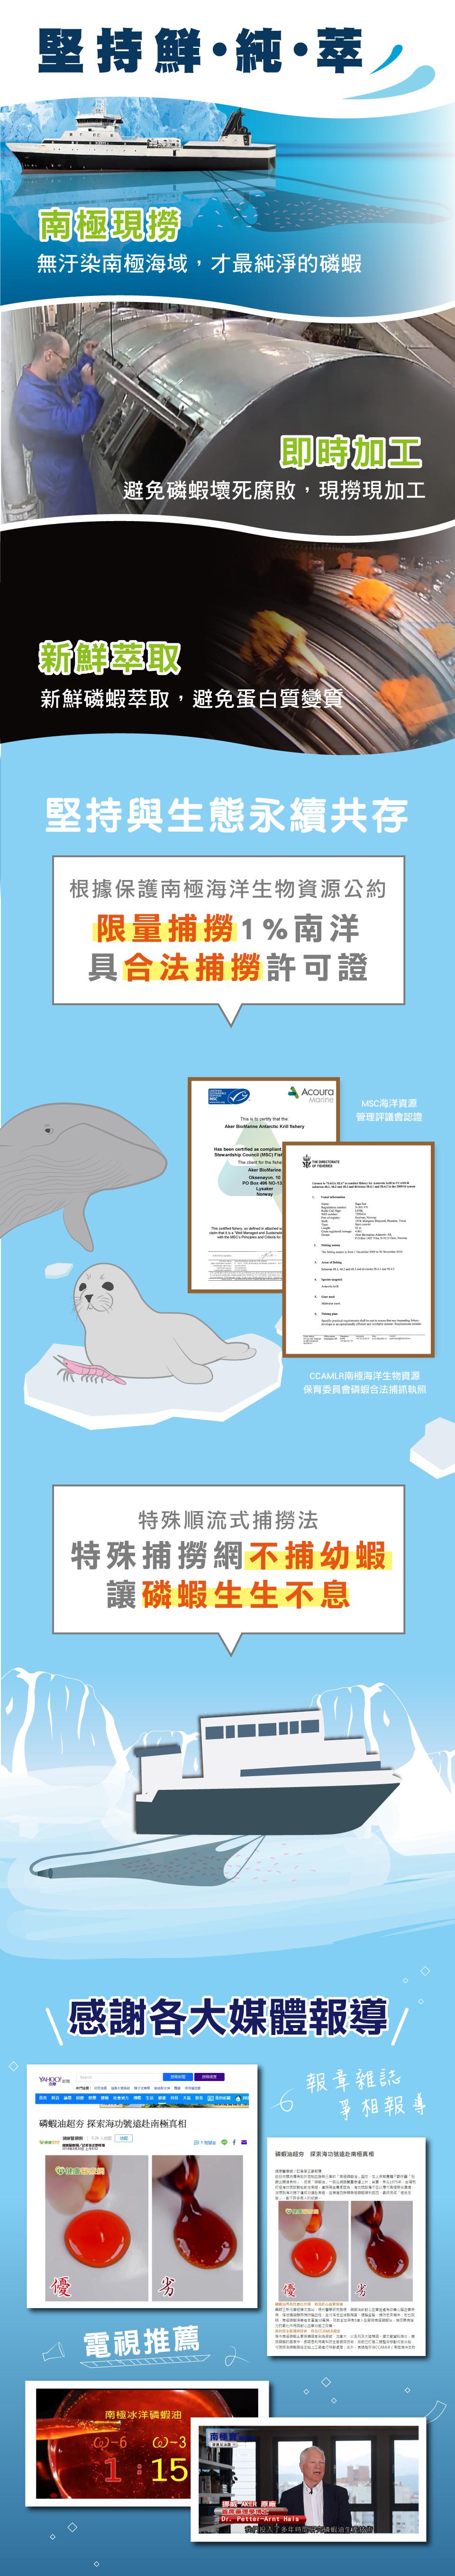 南極寶磷蝦油說明04